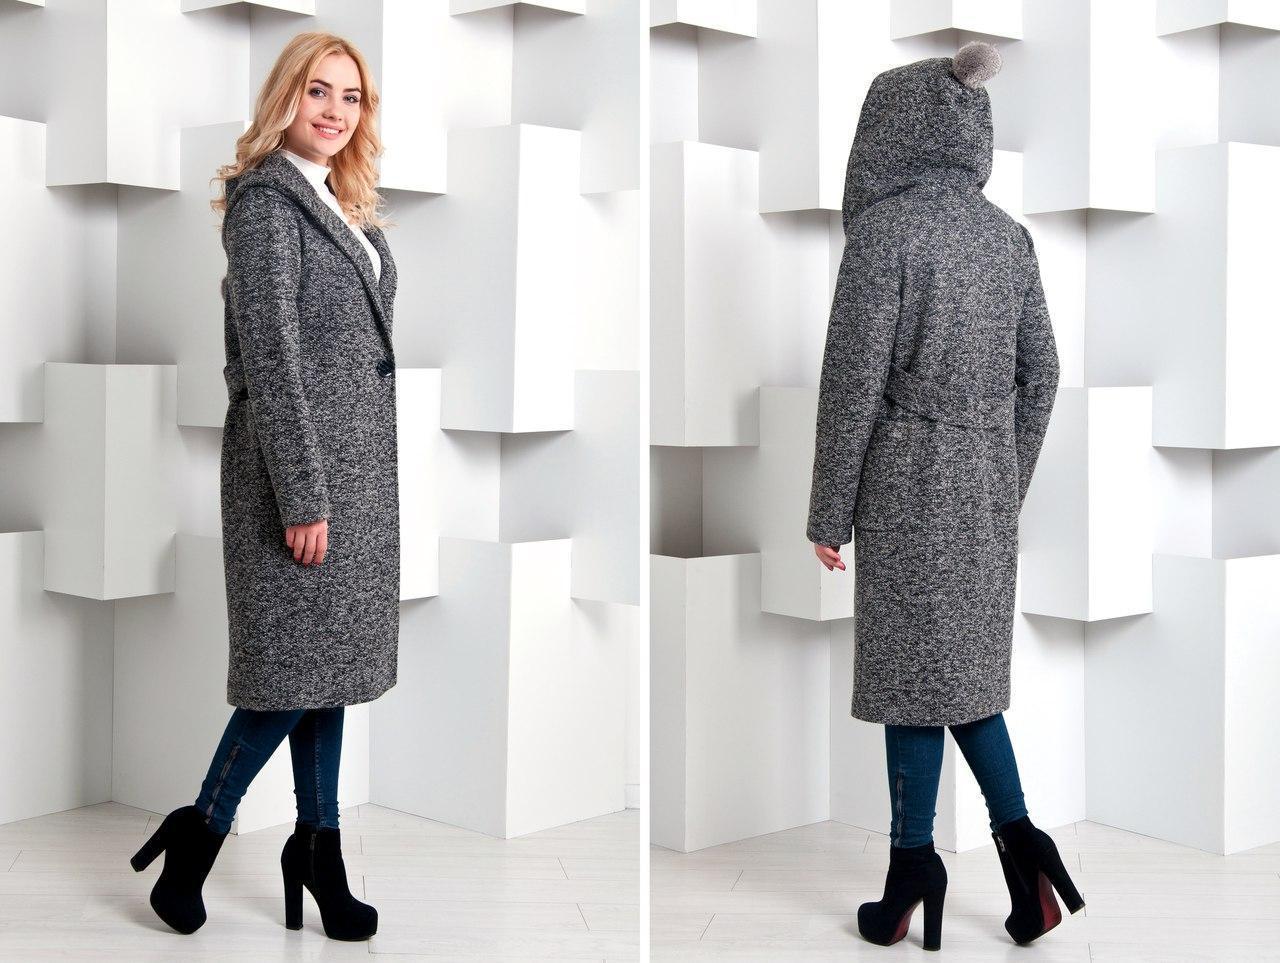 e0a4a26d07f Купить Удлиненное женское демисезонное пальто оверсайз v4507 ...